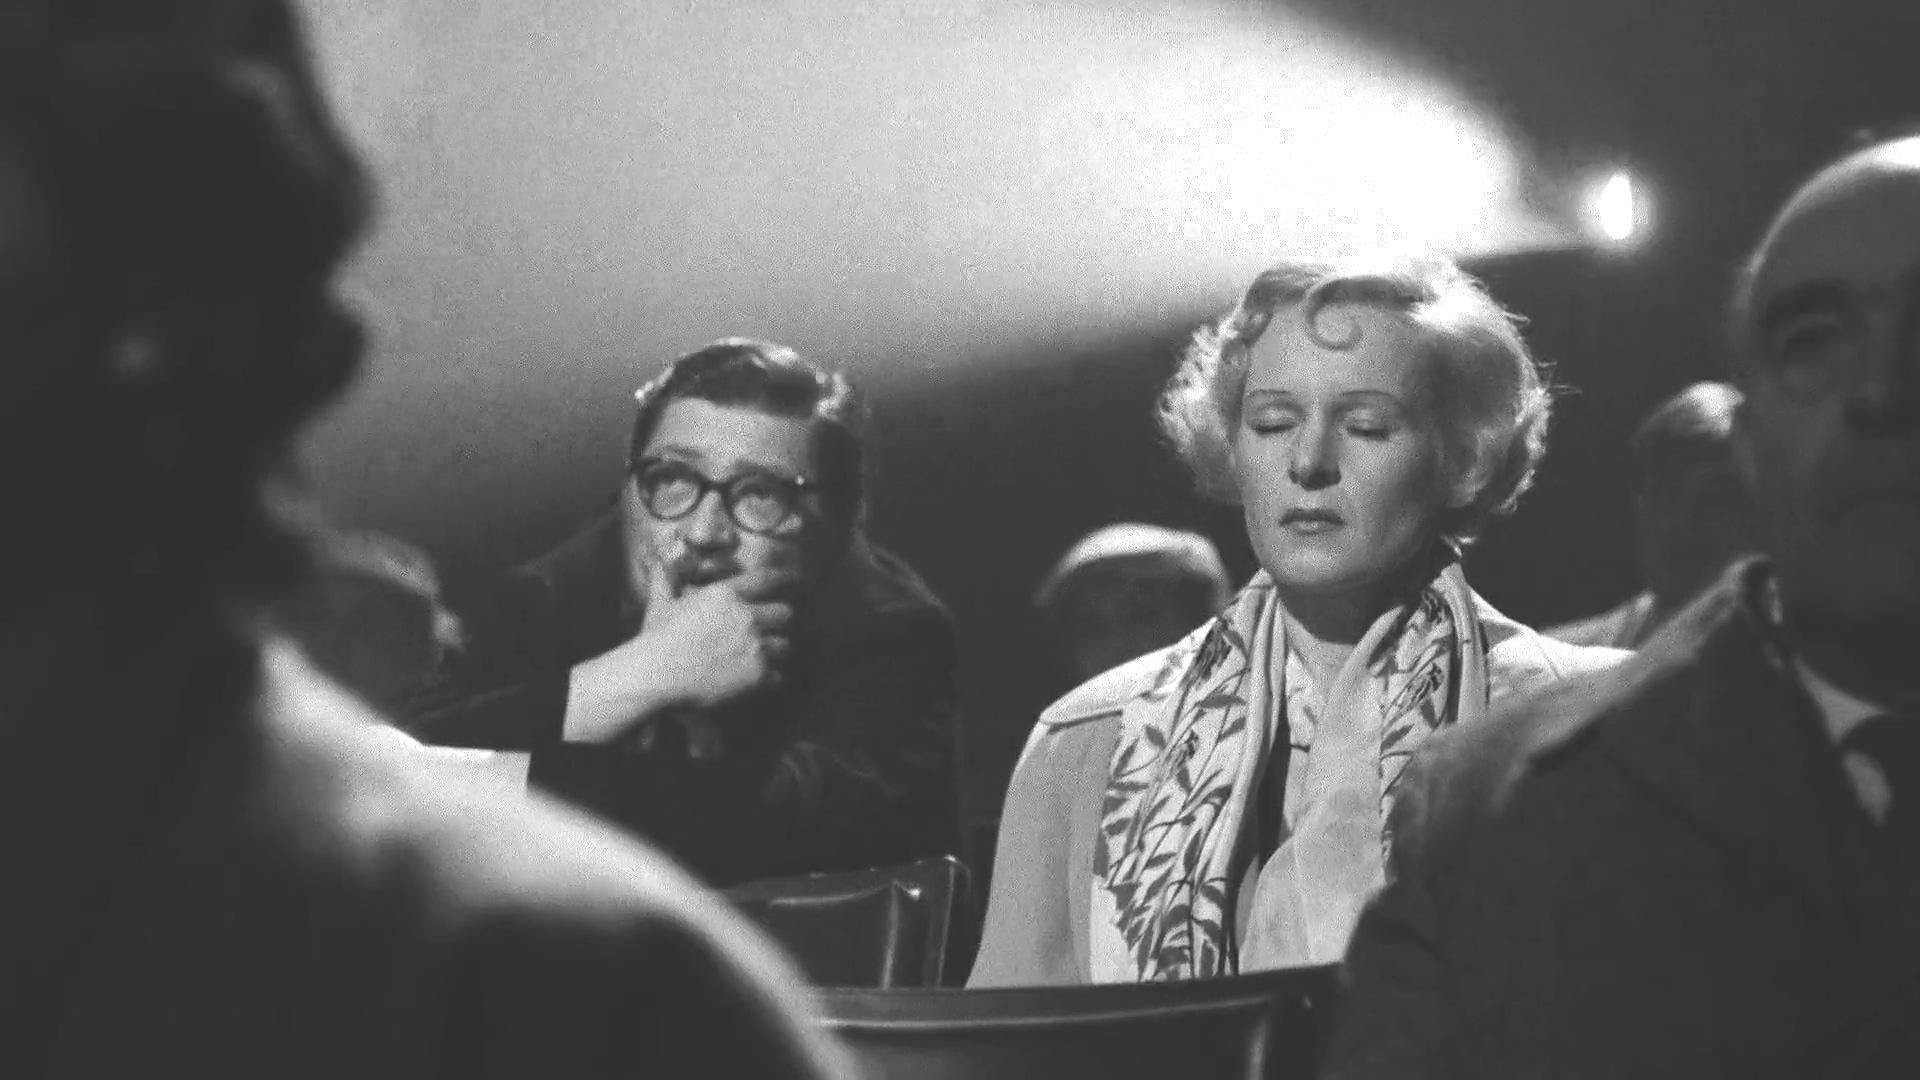 سینما به مثابه پرترهای شخصی: واپسین فیلمهای راینر ورنر فاسبیندر